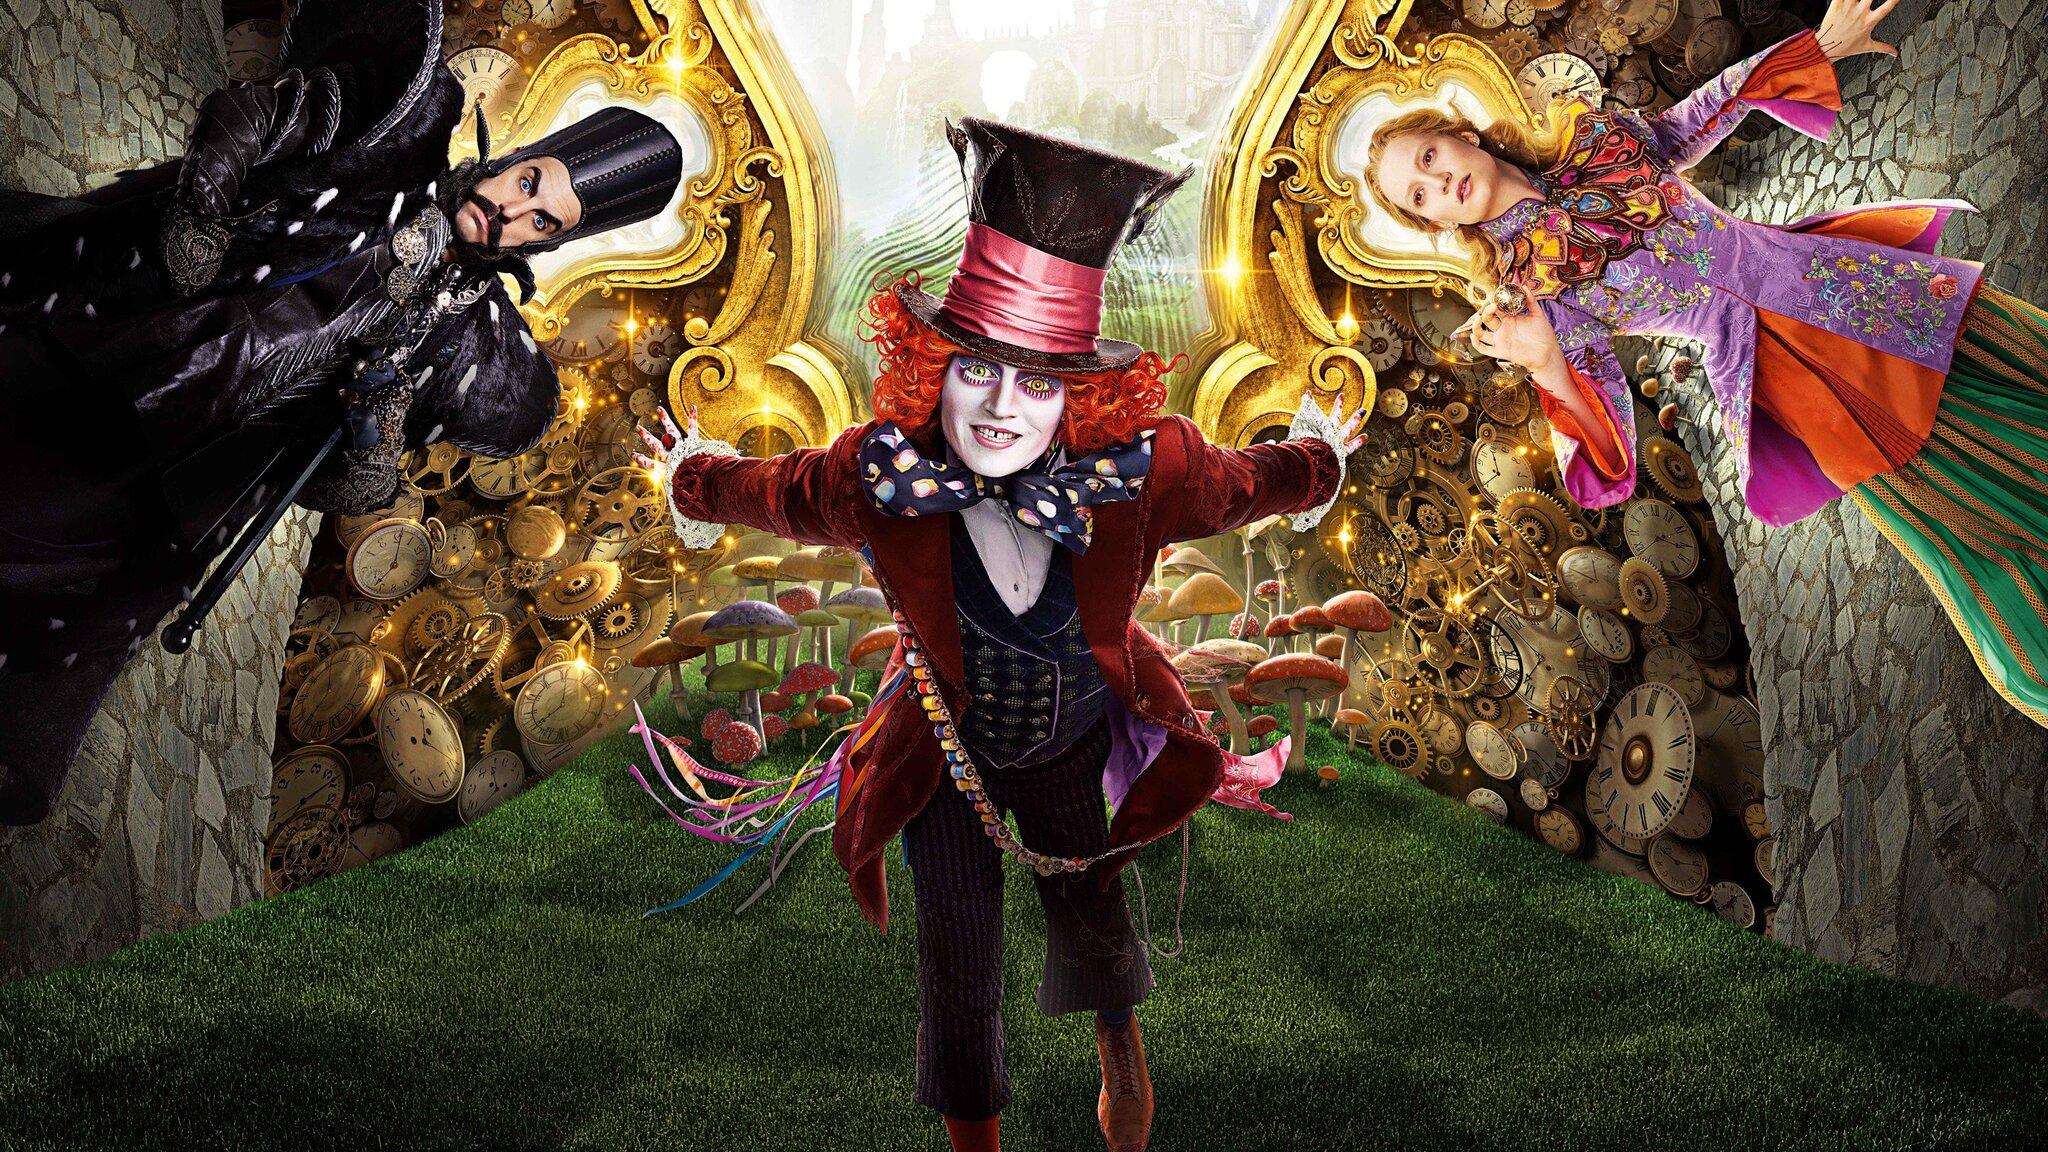 2048x1152 Alice In Wonderland 2048x1152 Resolution HD 4k